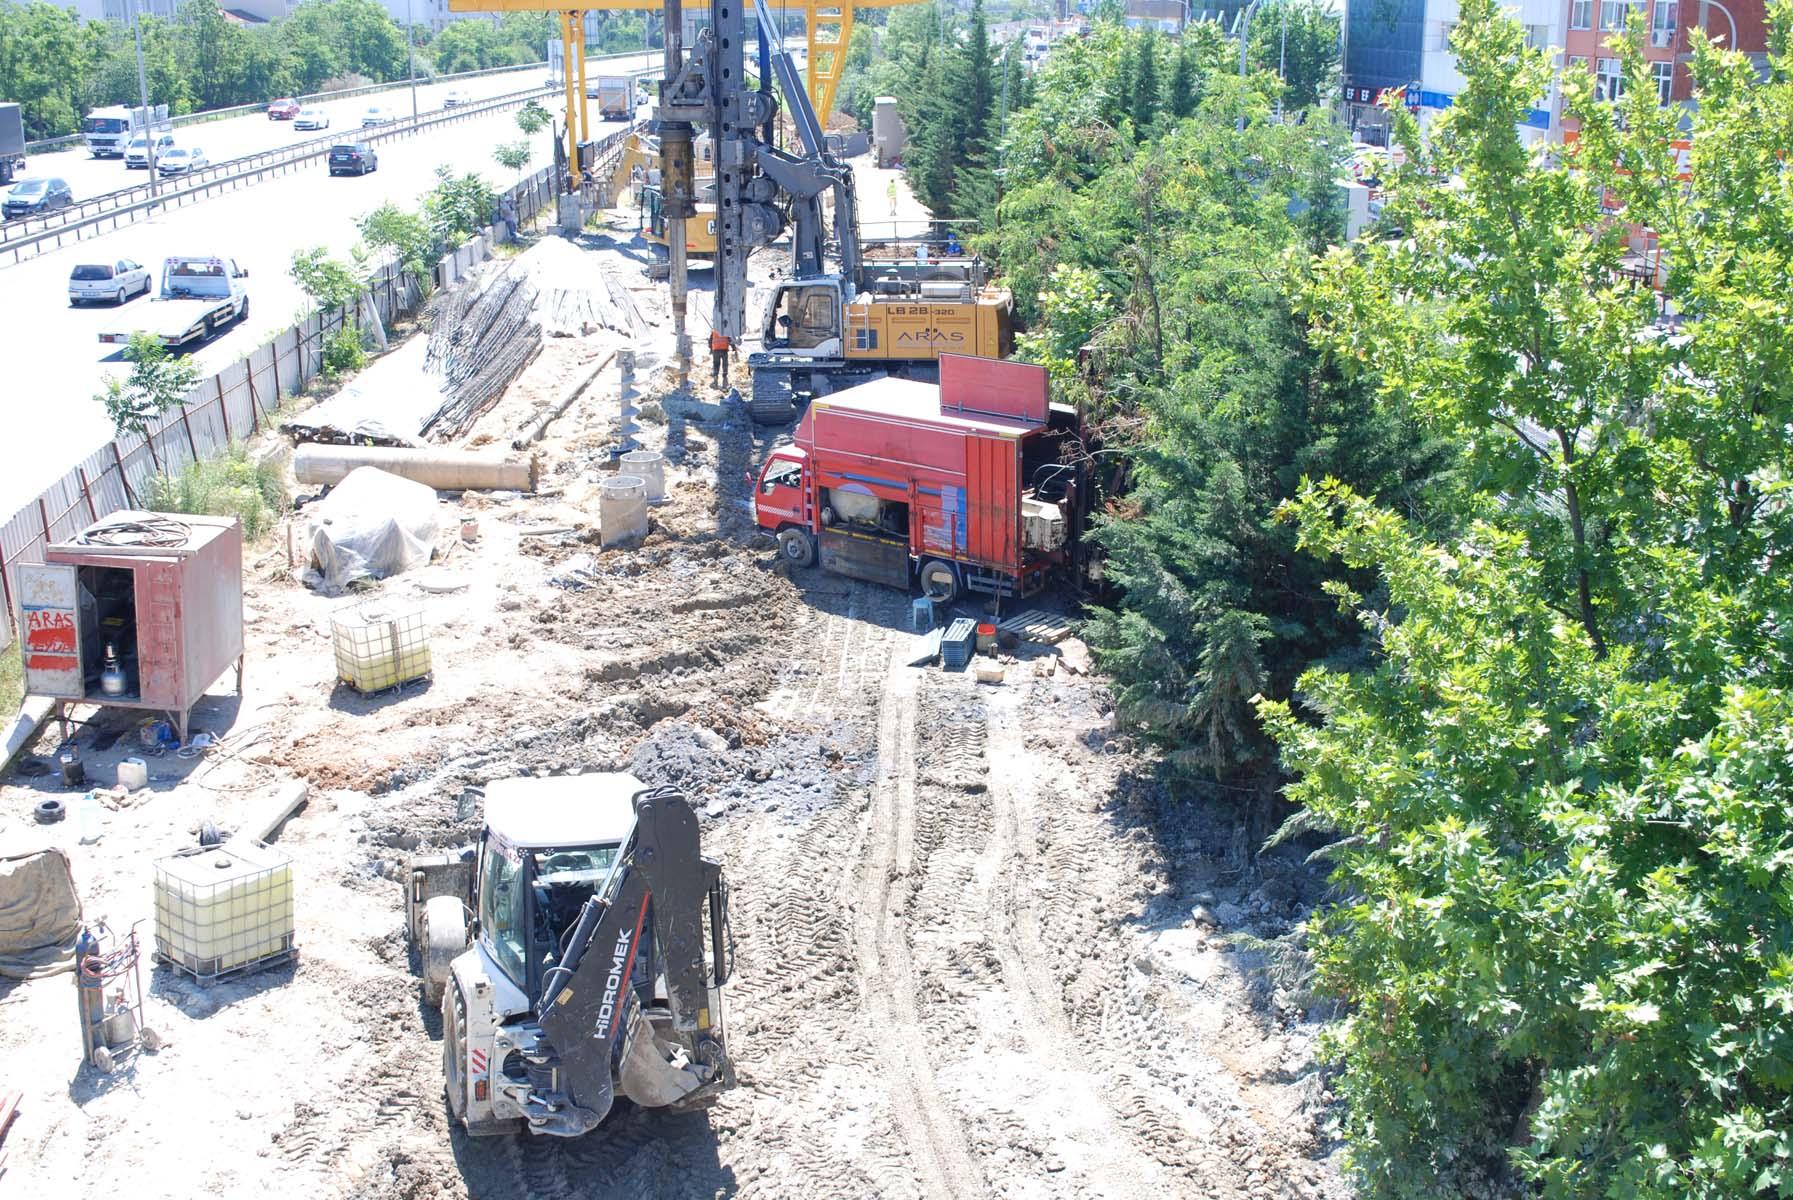 İBB'nin Sultanbeyli'deki metro inşaatında tepki çeken görüntüler! İş makineleri ağaçları kırdı